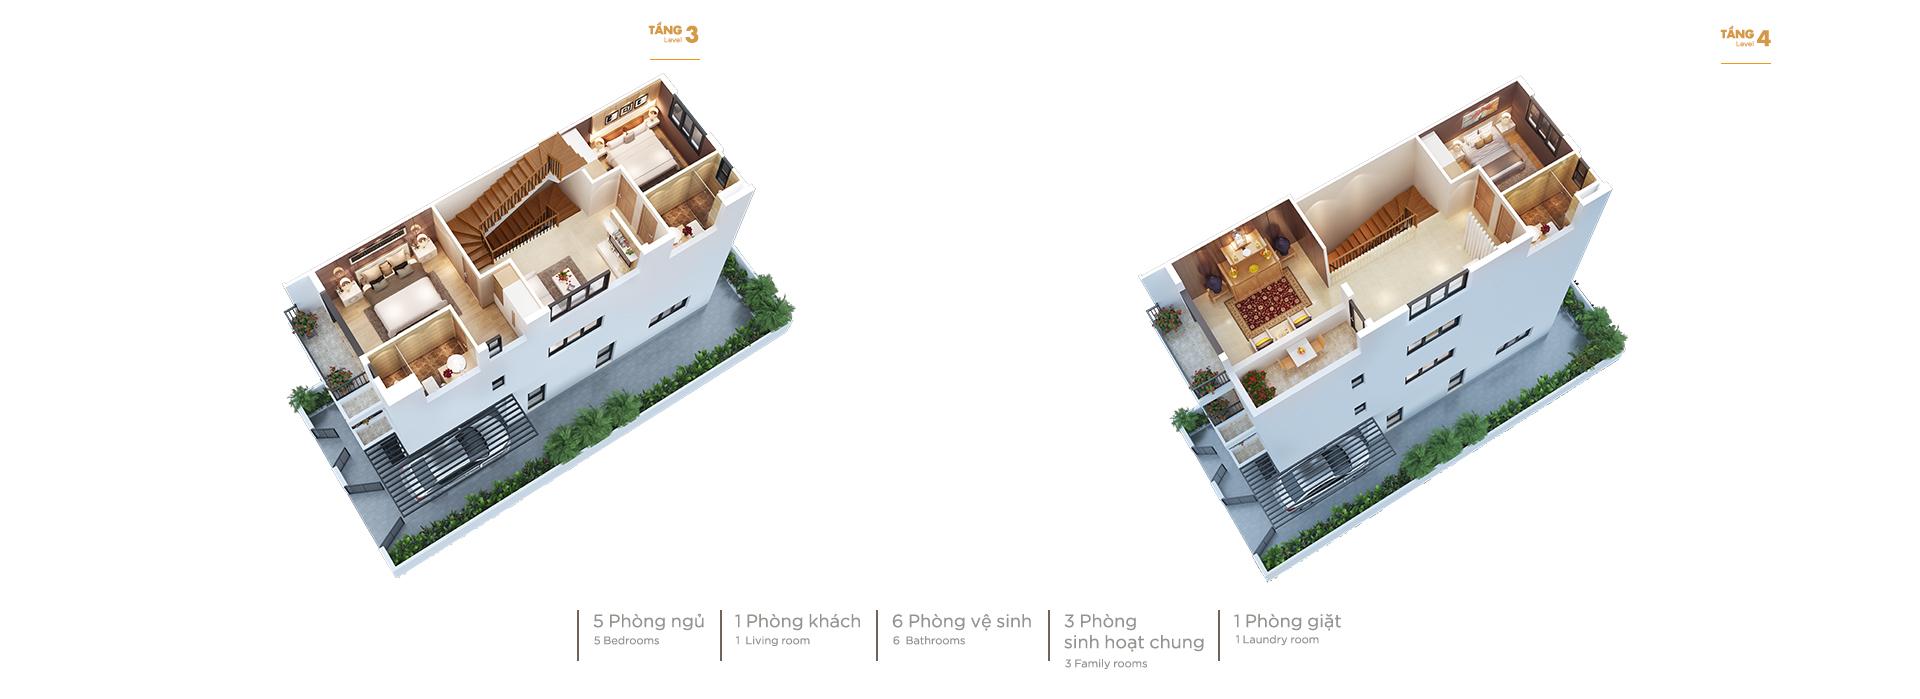 Mẫu thiết kế căn biệt thự song lập tại Vinhomes Cầu rào Hải Phòng ( dự kiến )